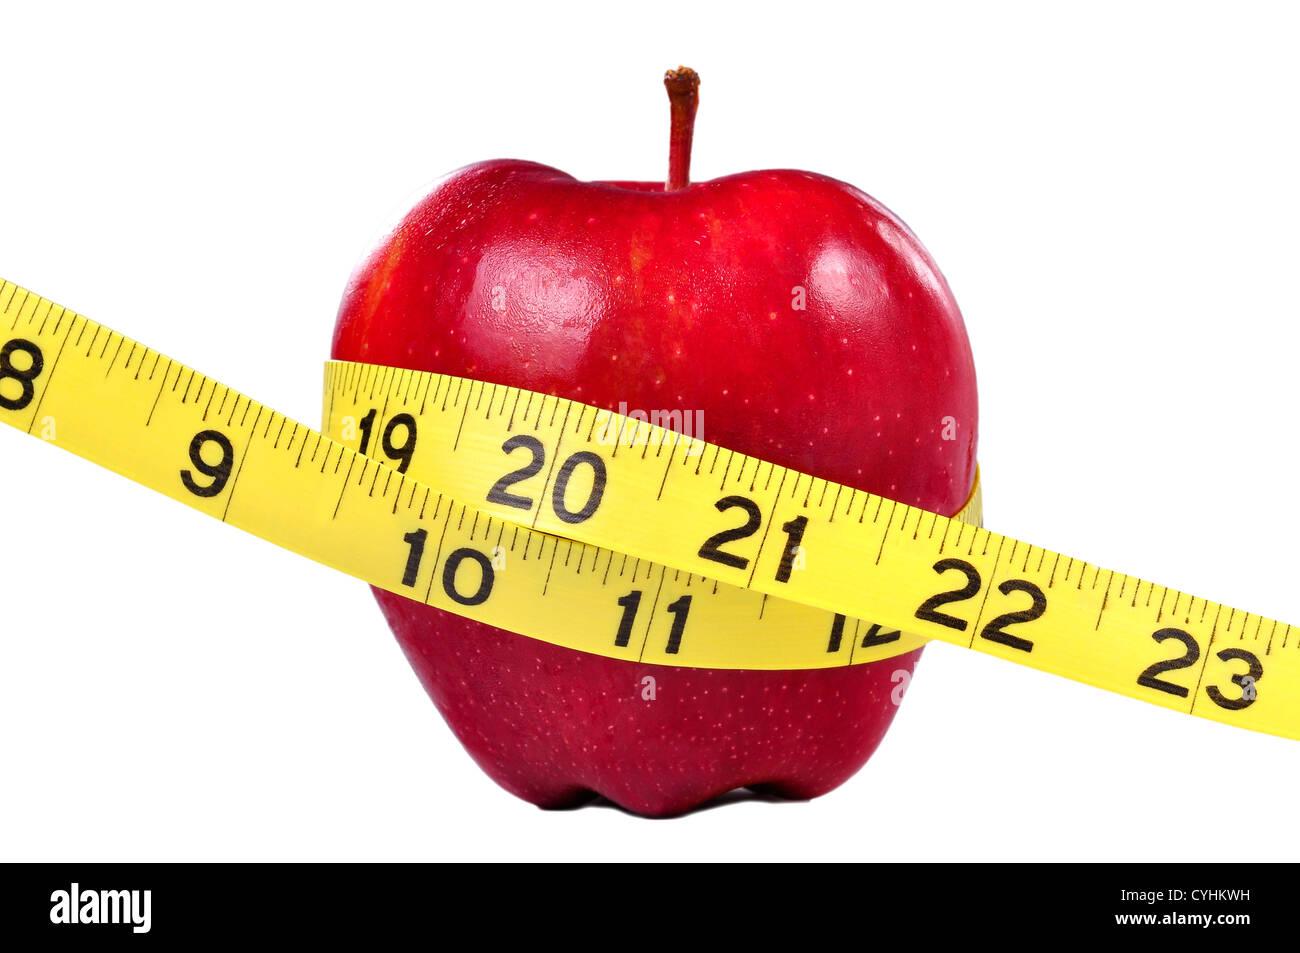 Manzana roja y amarilla cinta métrica para simbolizar una dieta saludable y el control del peso corporal. Imagen De Stock